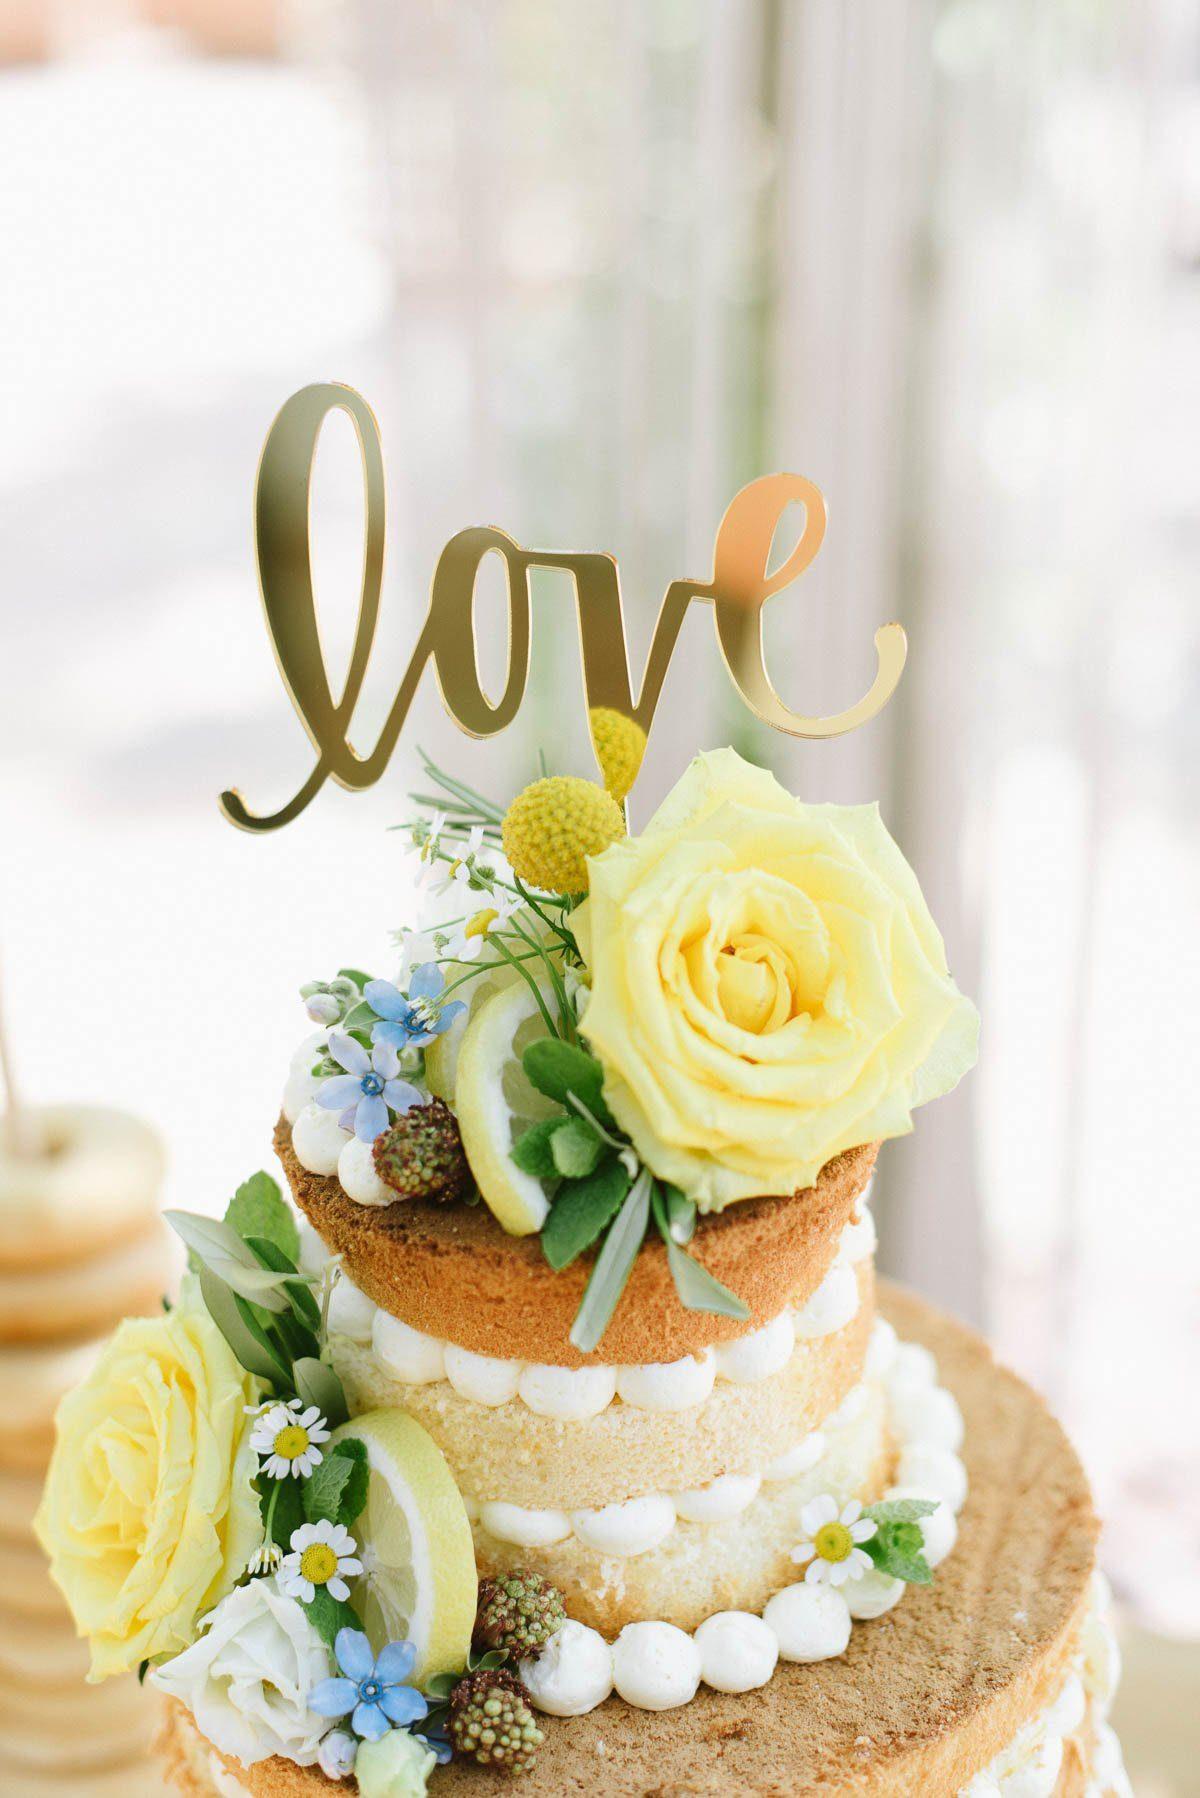 Cake Topper Love Gold auf Hochzeitstorte